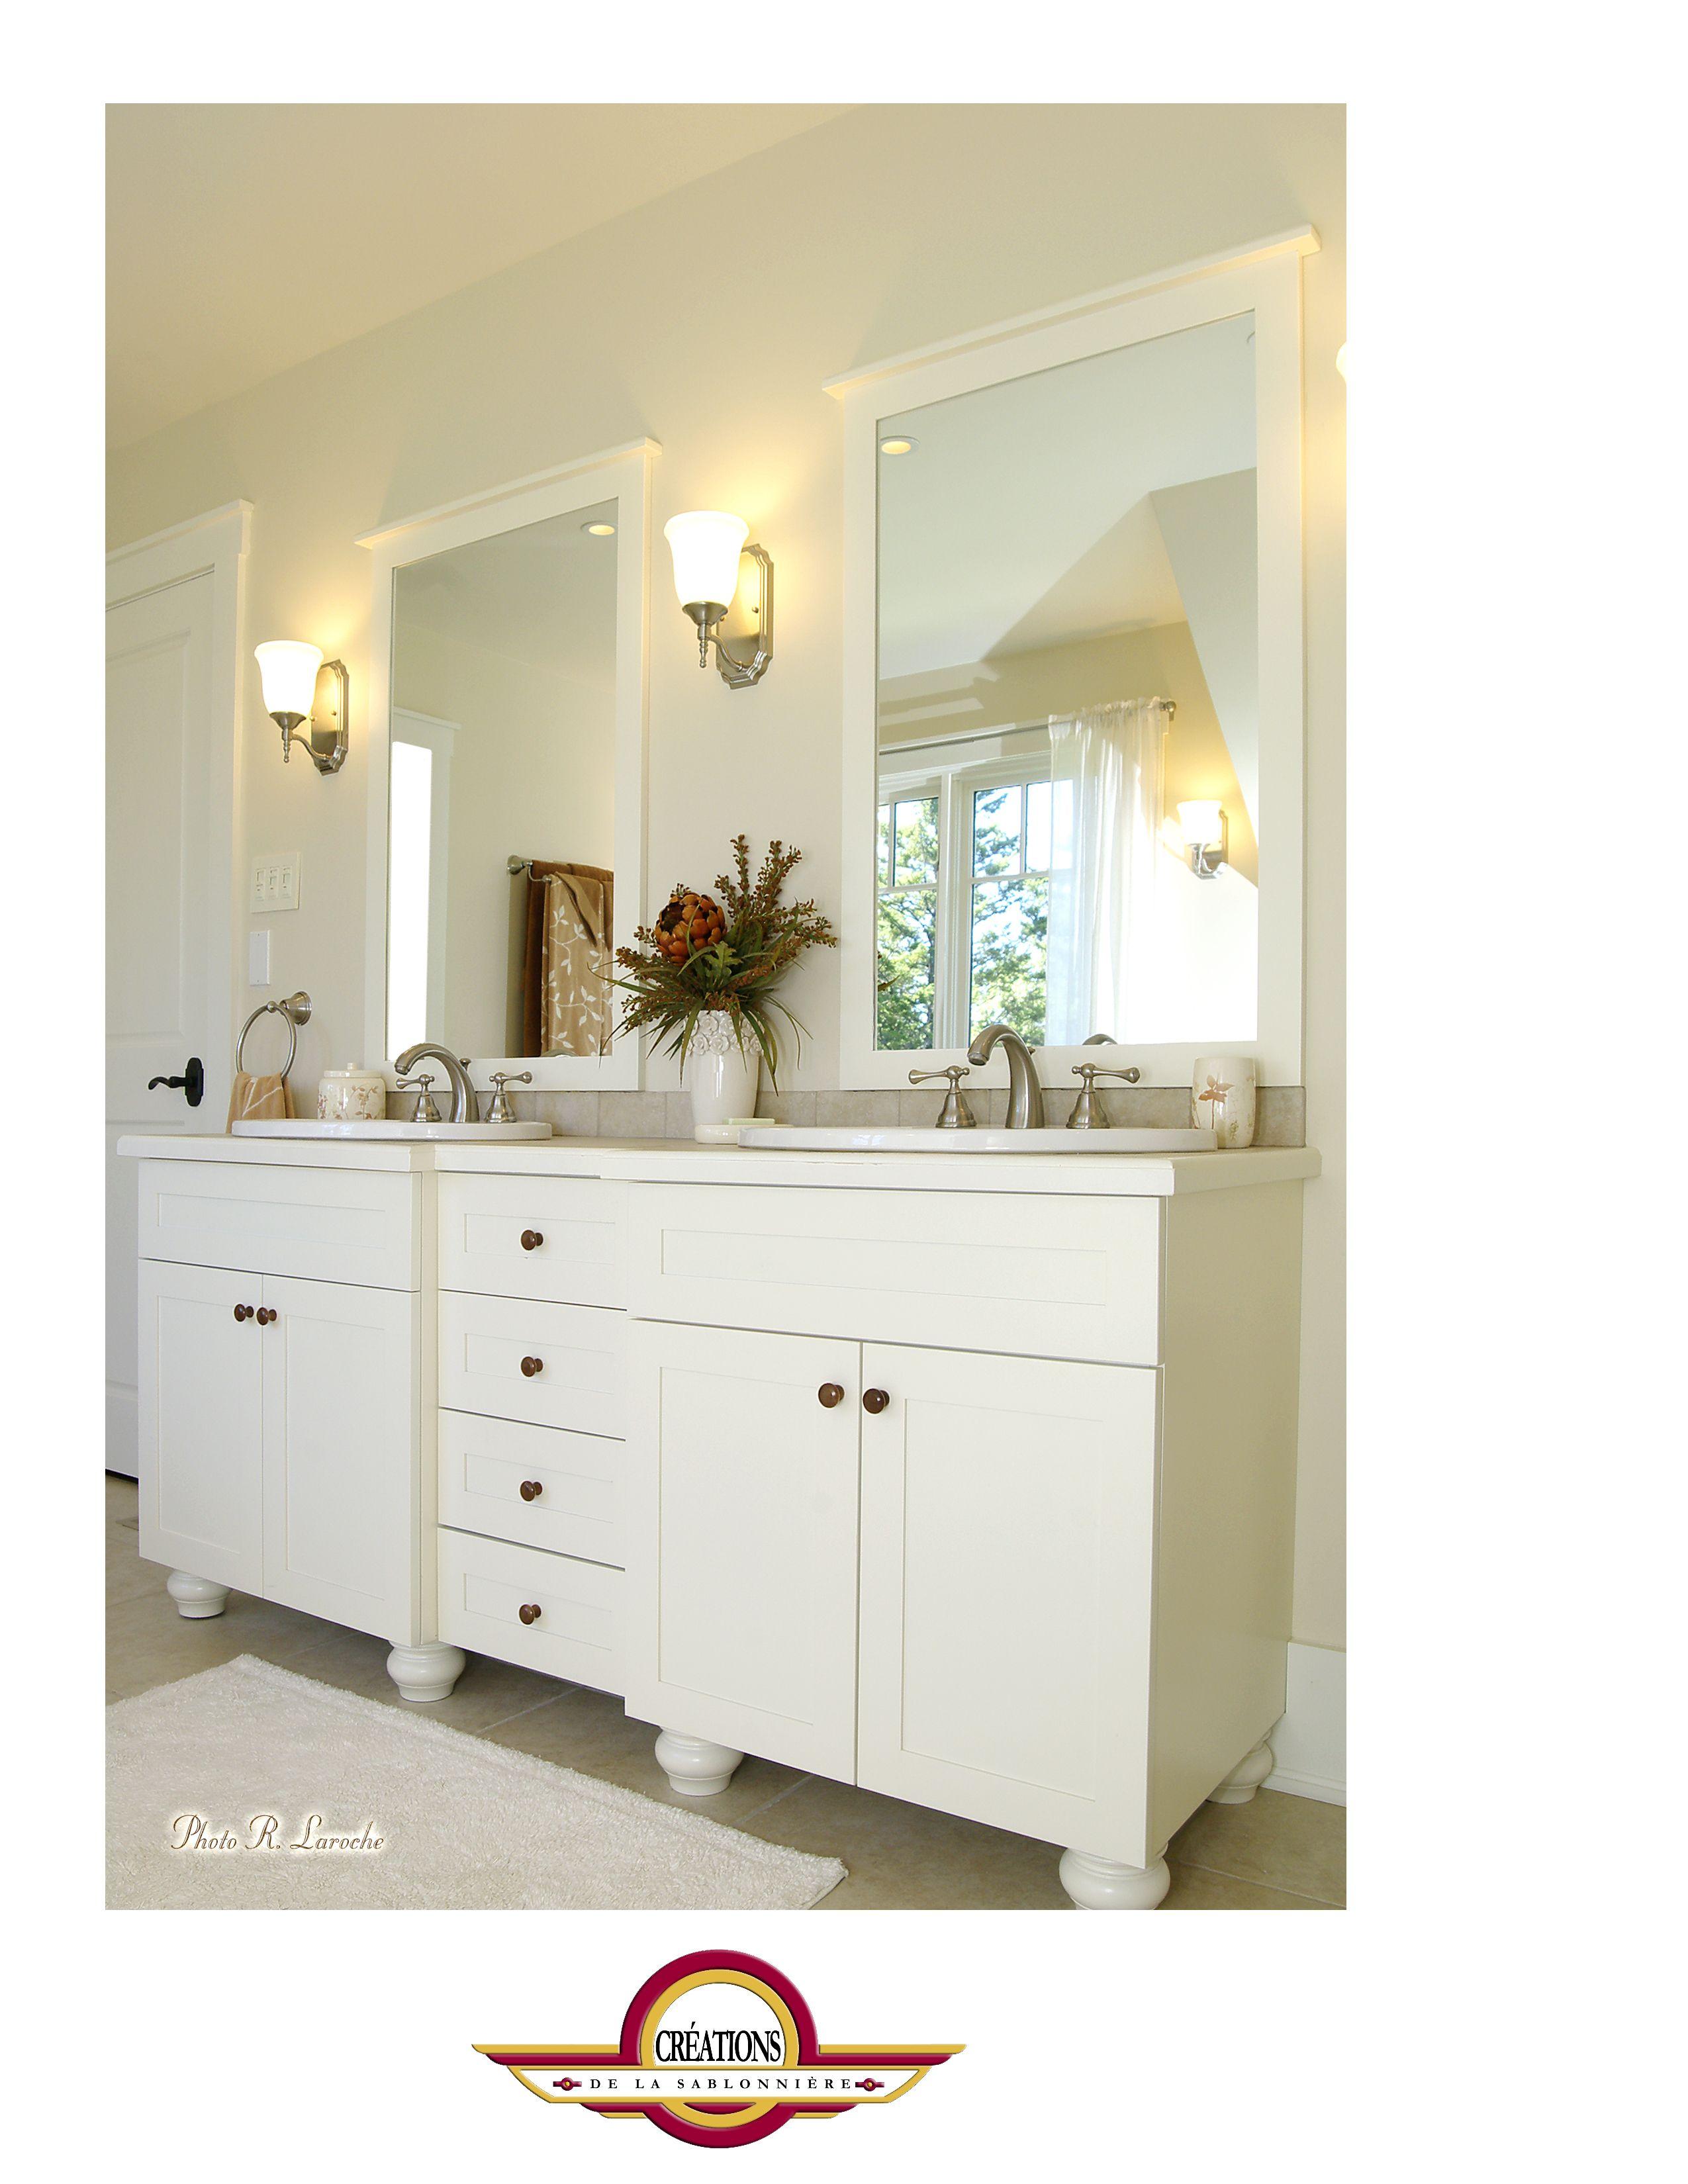 Meuble de bain de style campagnard chic, merisier blanc sur pattes ...